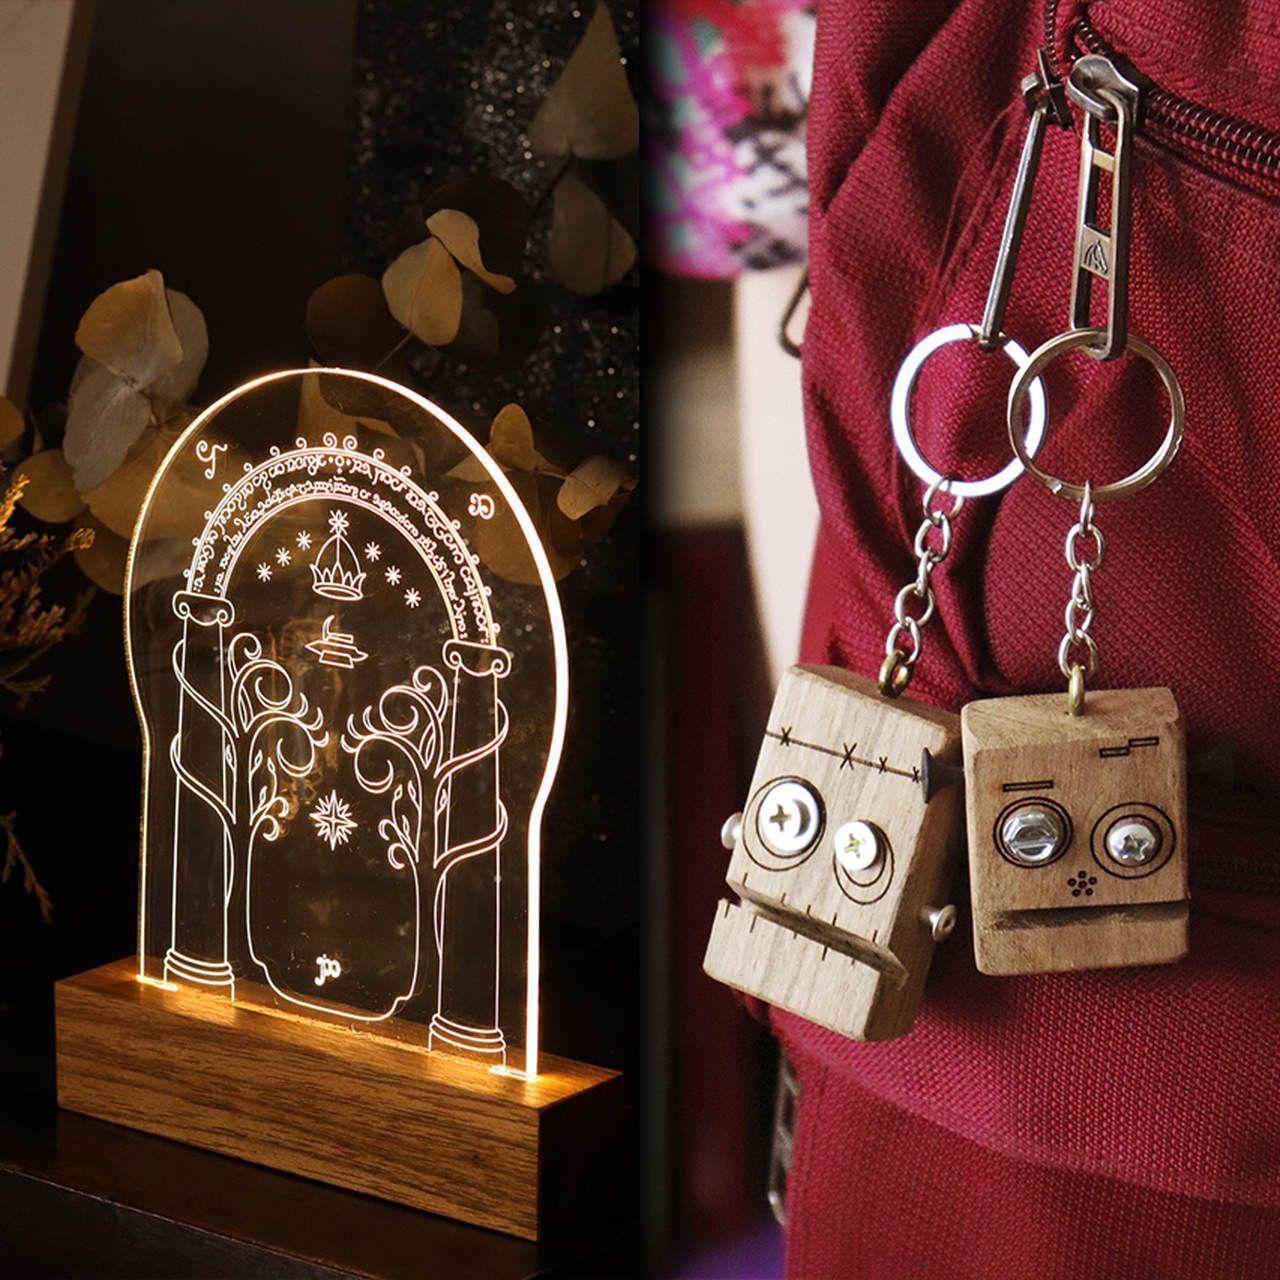 Kit Dia dos Namorados - 1 luminária Portão de Moria + 2 chaveiros